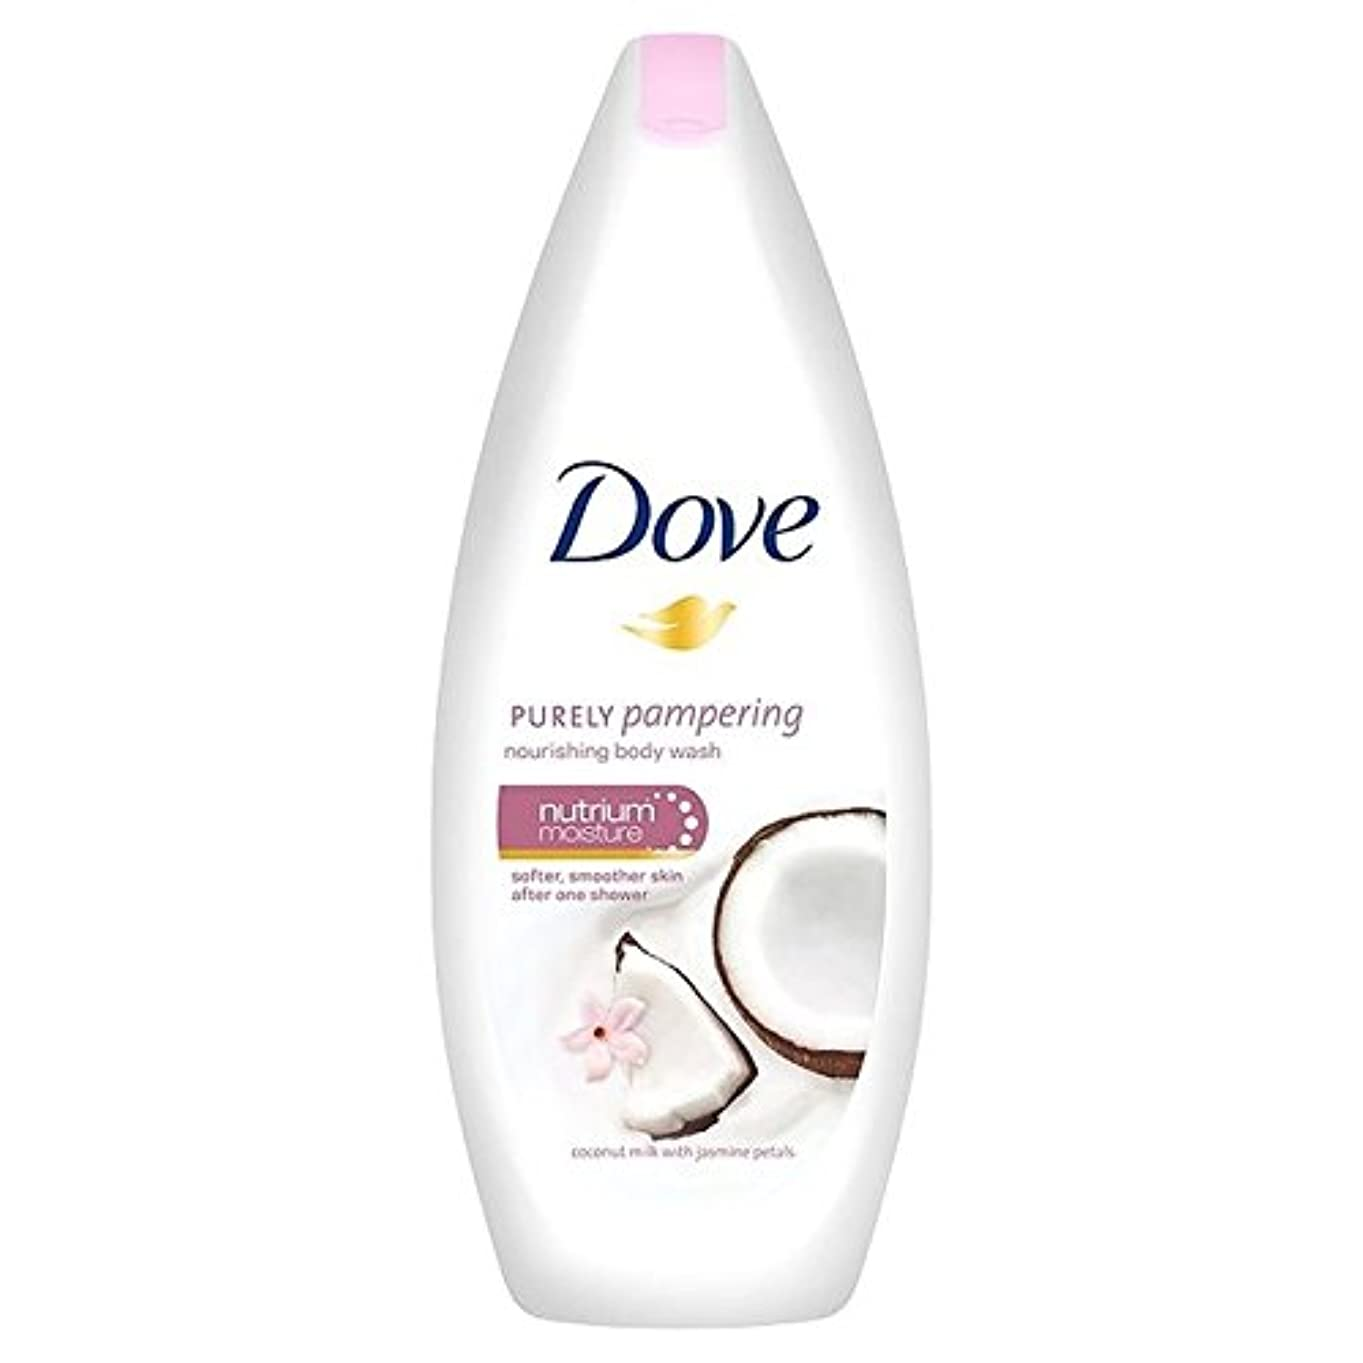 カエル財団理論鳩純粋に甘やかすココナッツボディウォッシュ250ミリリットル x4 - Dove Purely Pampering Coconut Body Wash 250ml (Pack of 4) [並行輸入品]